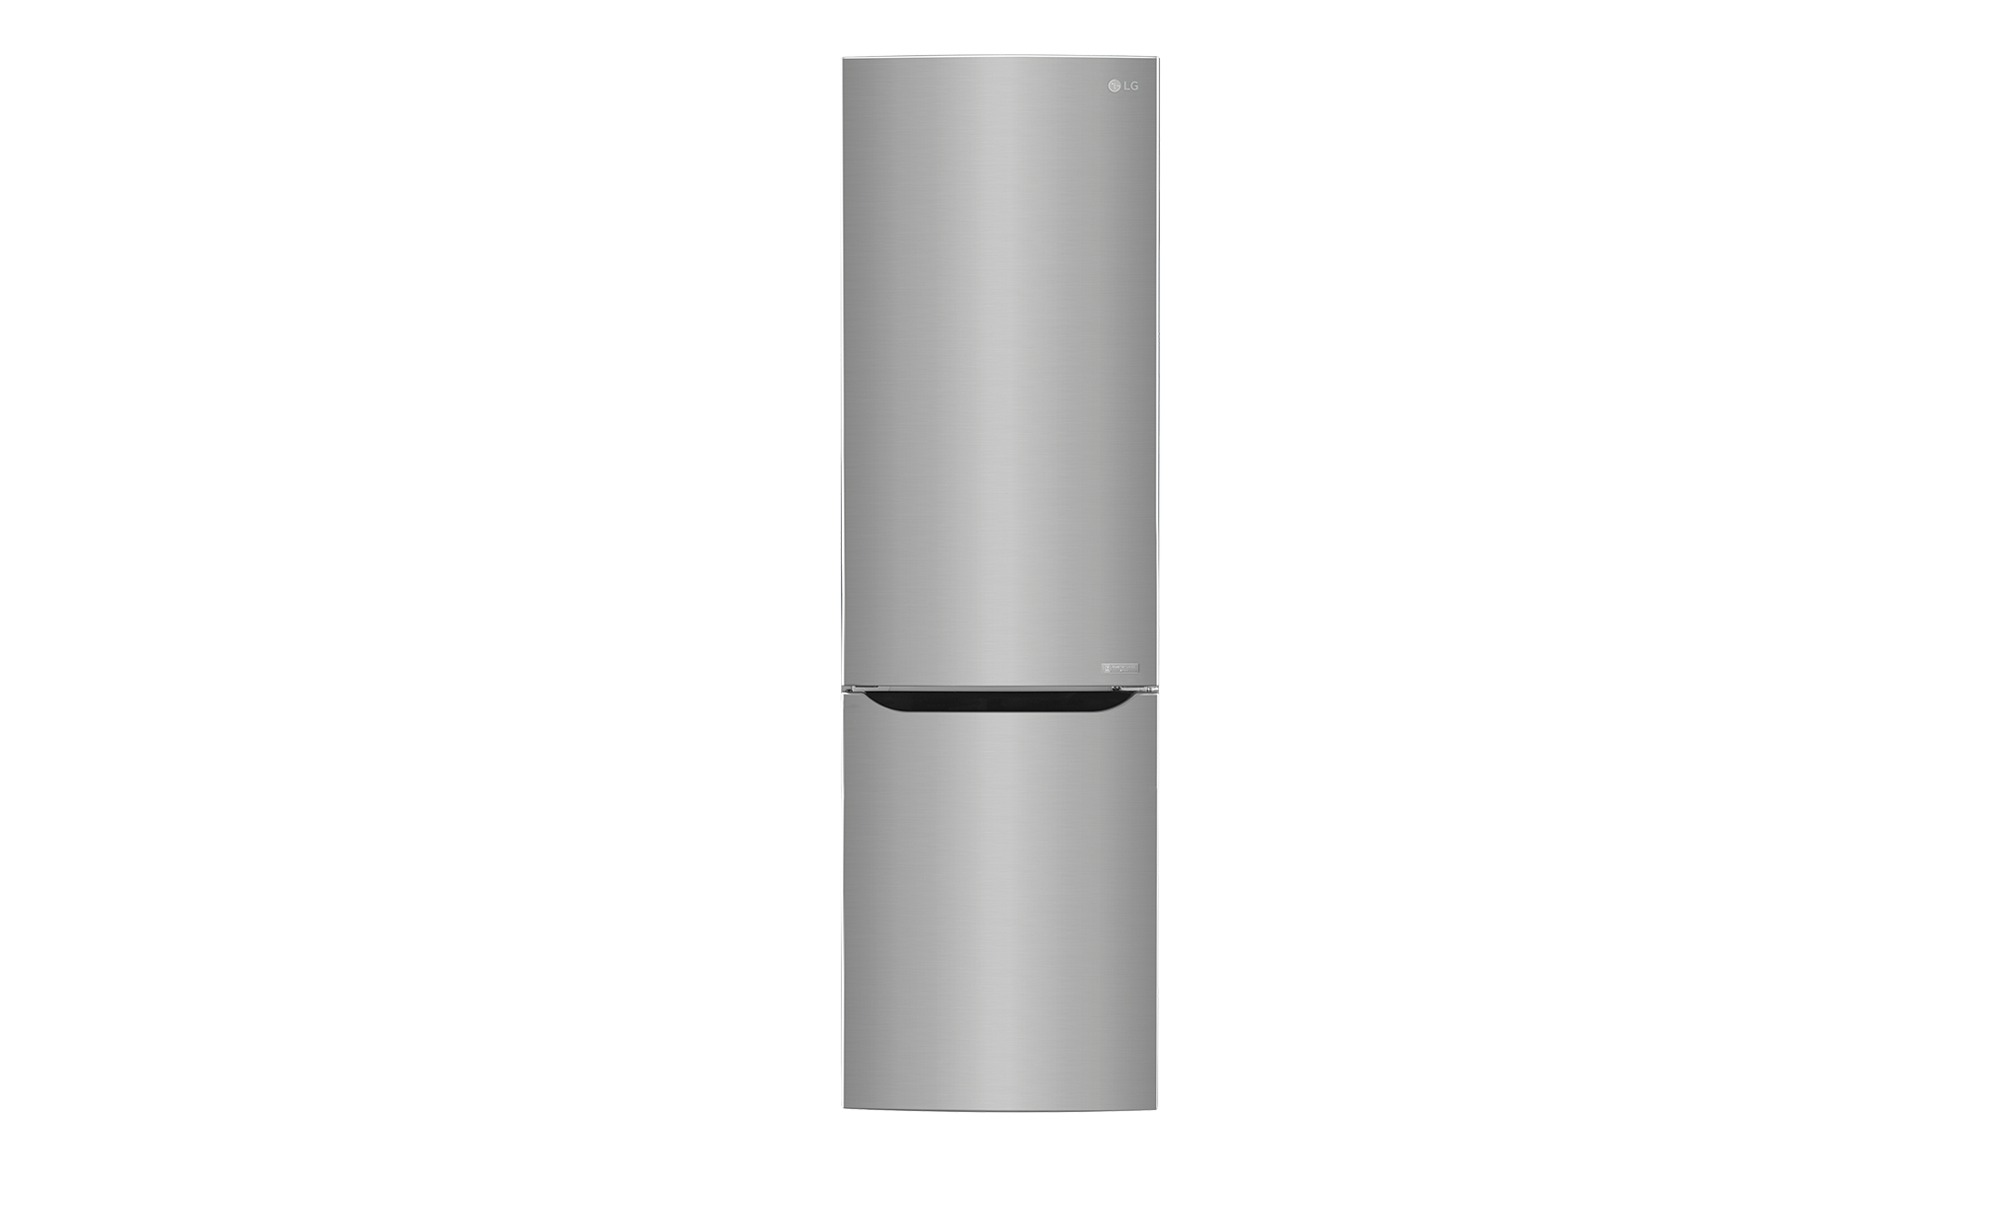 LG Electronics Kühl-Gefrierkombination  GBP 20 PZCFS ¦ Metall-lackiert, Kunststoff, Glas  ¦ Maße (cm): B: 59,5 H: 201 T: 65 Elektrogeräte > Kühl-Gefrierkombinationen - Höffner | Küche und Esszimmer > Küchenelektrogeräte > Kühl-Gefrierkombis | Möbel Höffner DE